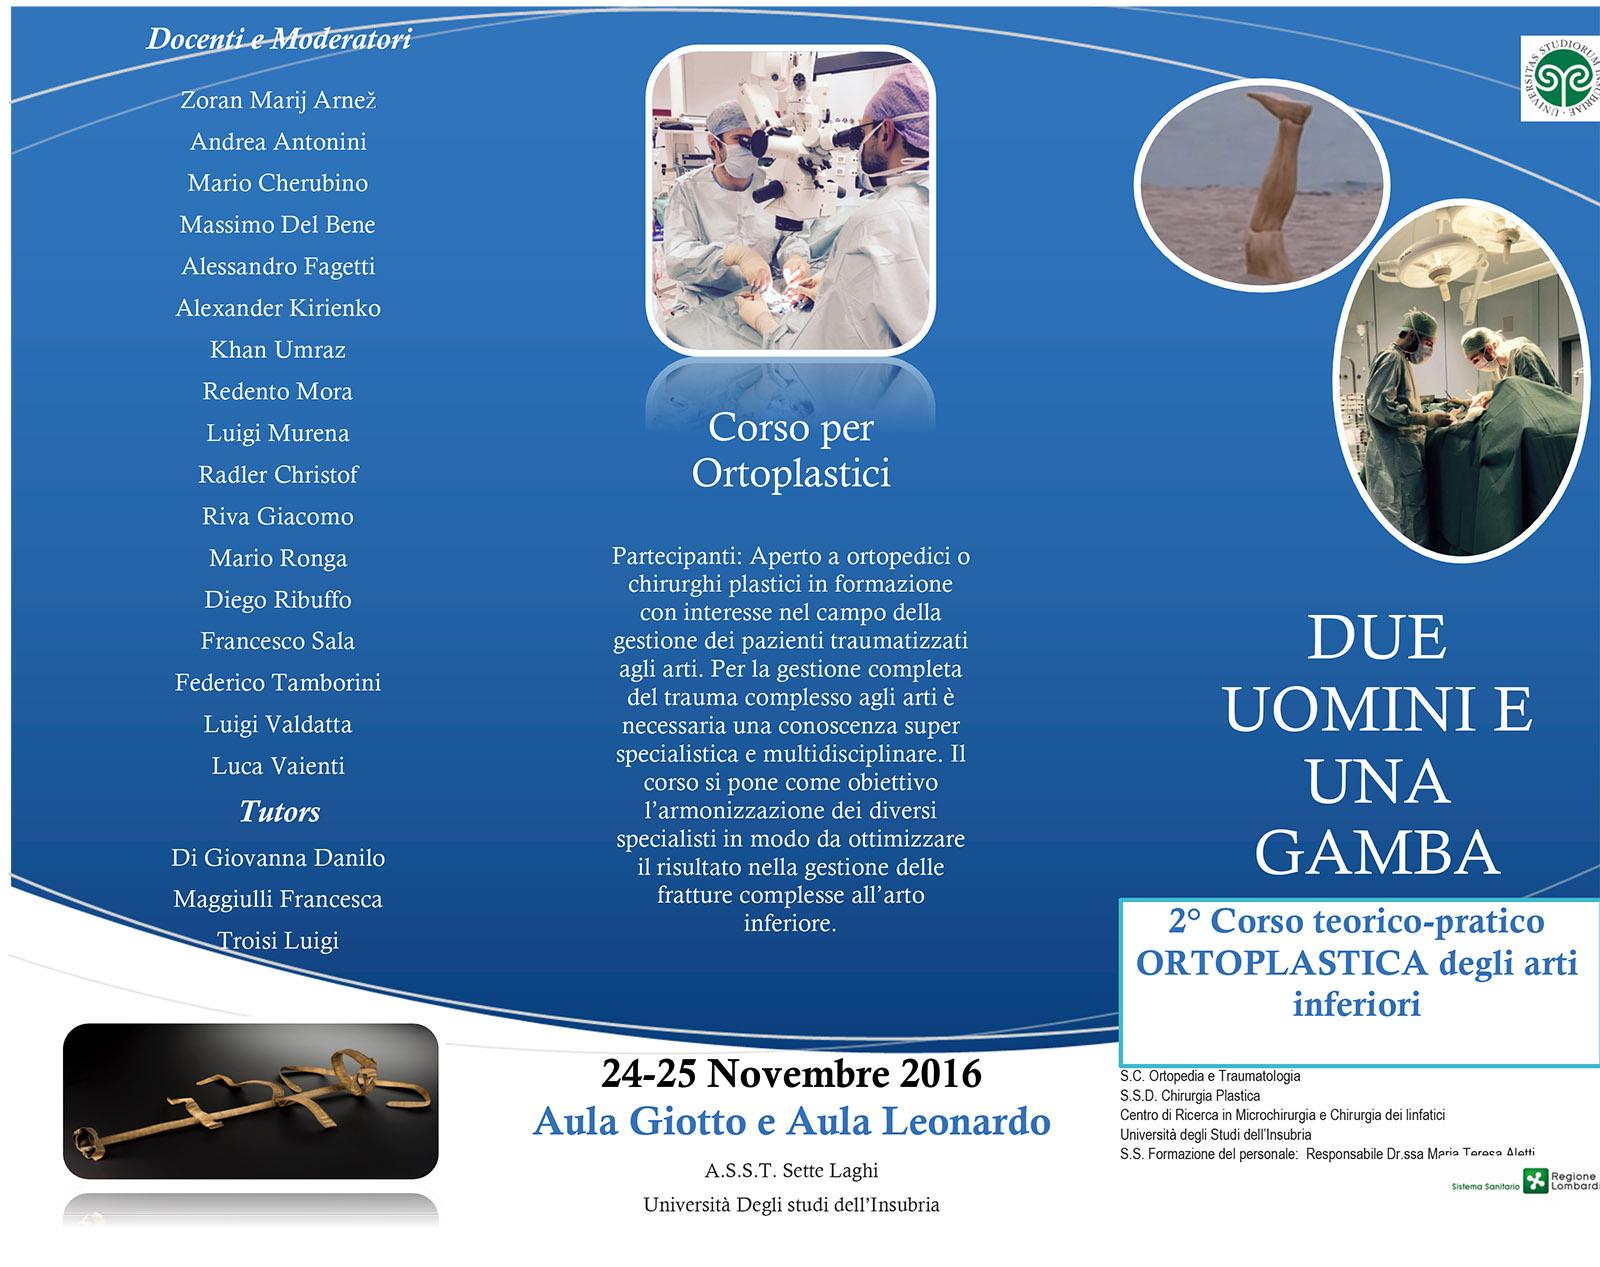 Microsoft Word - Brochure 2°corso Ortoplastica.docx